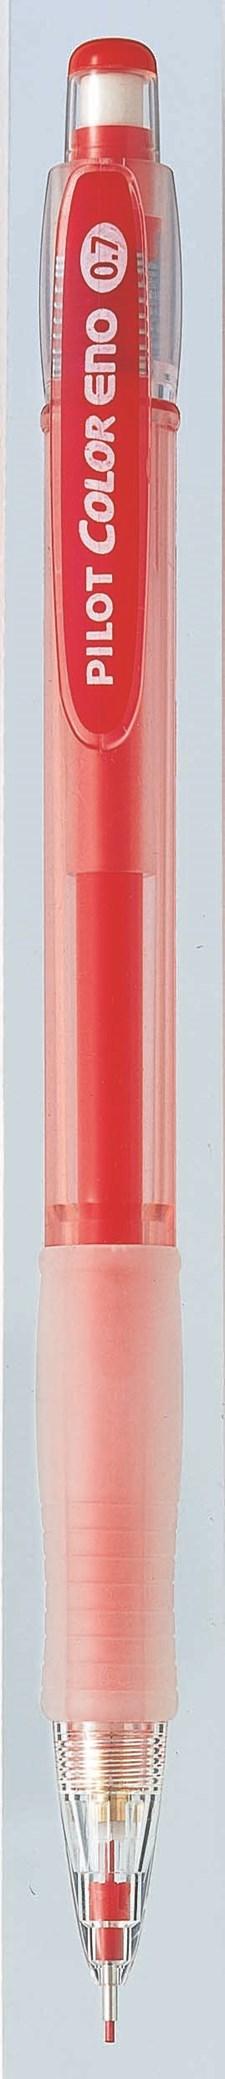 Trykkblyant Color Eno 0,7 rød